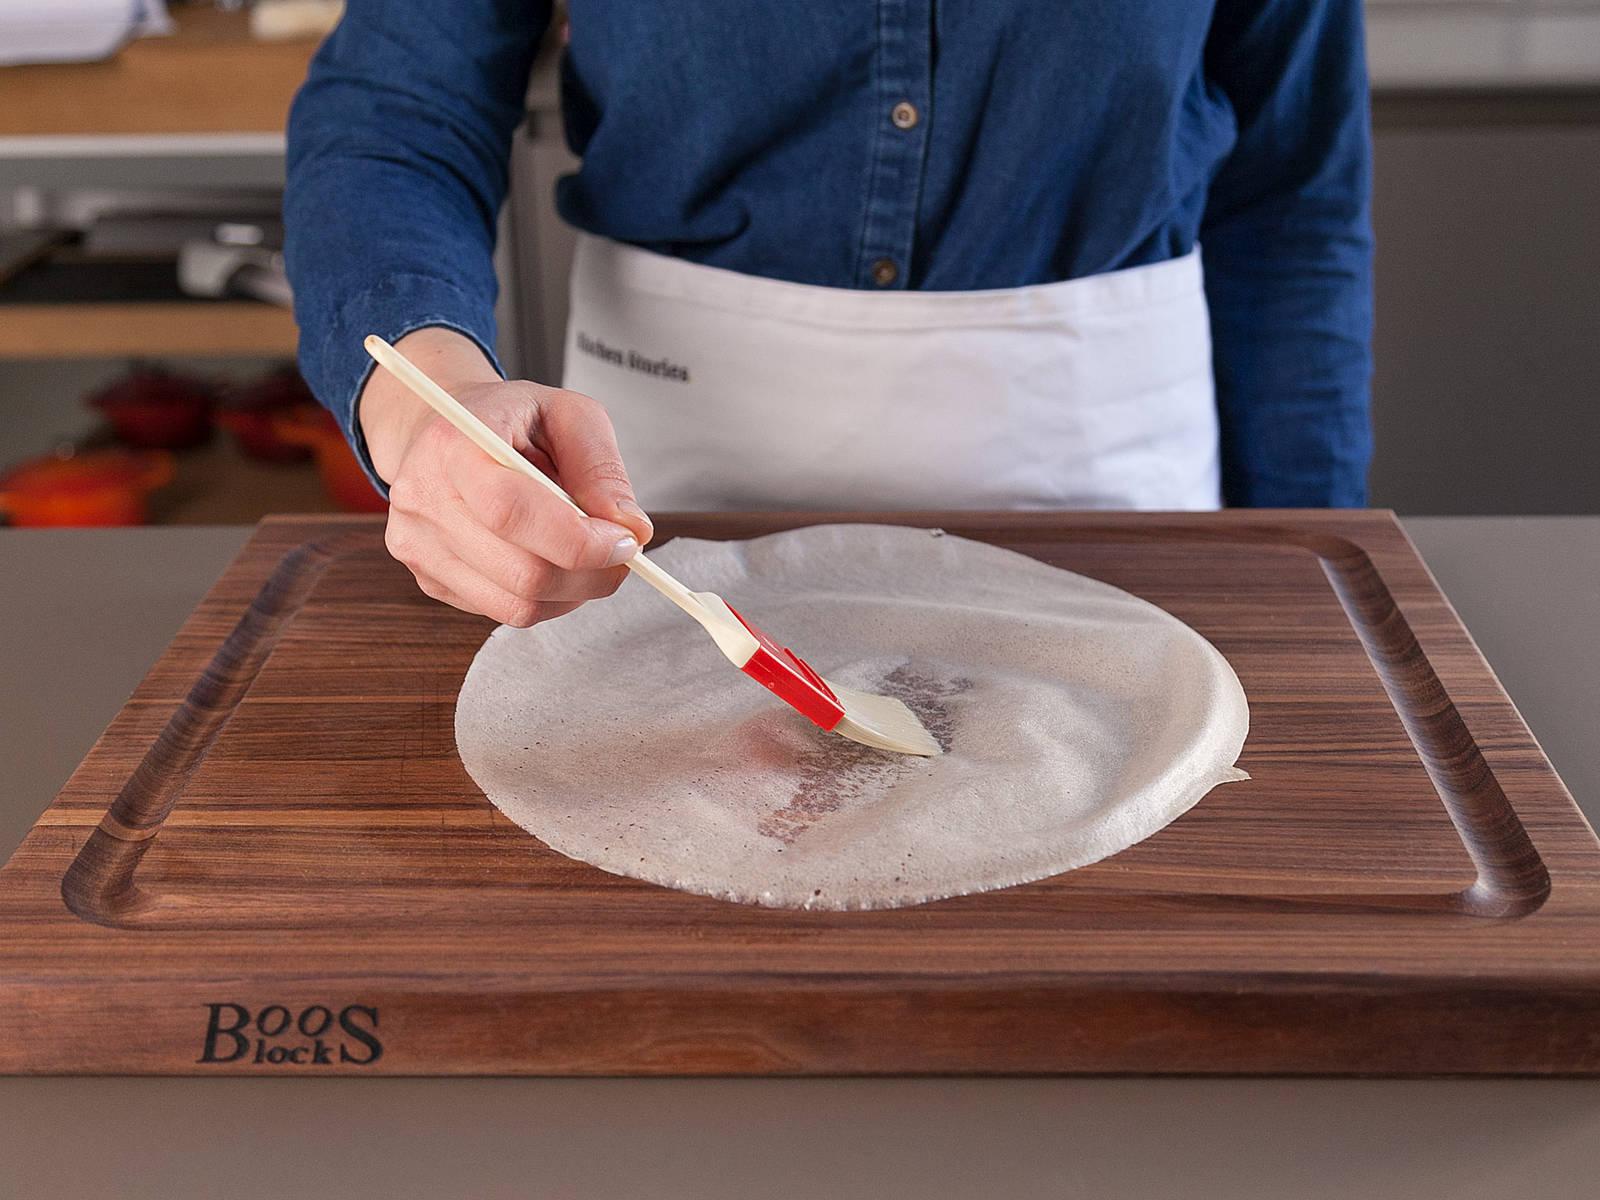 Brickteig mit Eiweiß einpinseln. Je eine Scheibe Camembert auf ein Blatt Brickteig legen. Die Seiten umschlagen, damit der Camembert von allen Seiten verschlossen ist.